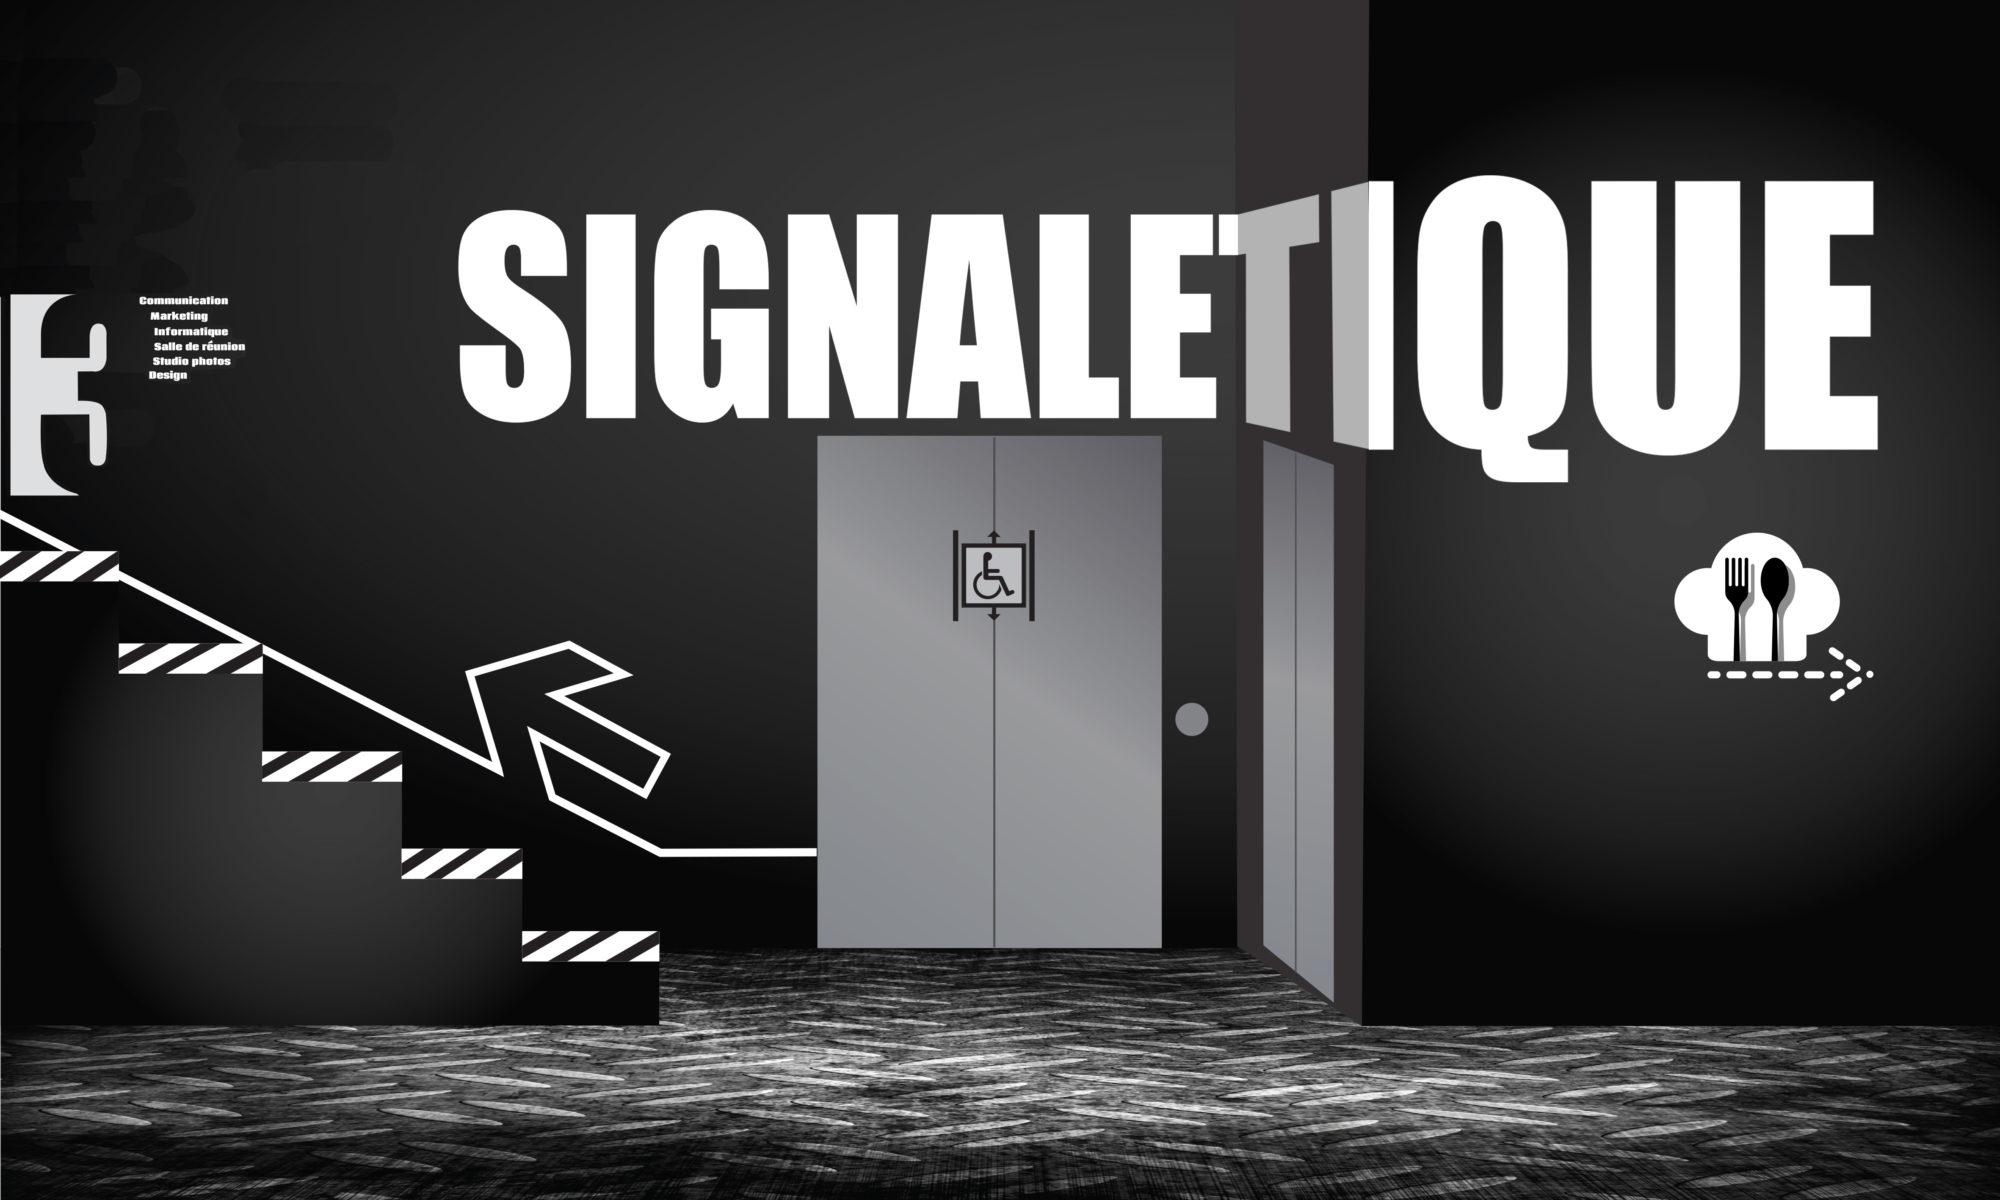 Illustration : le mot signalétique apparaît écrit sur le mur d'un hall en noir et blanc